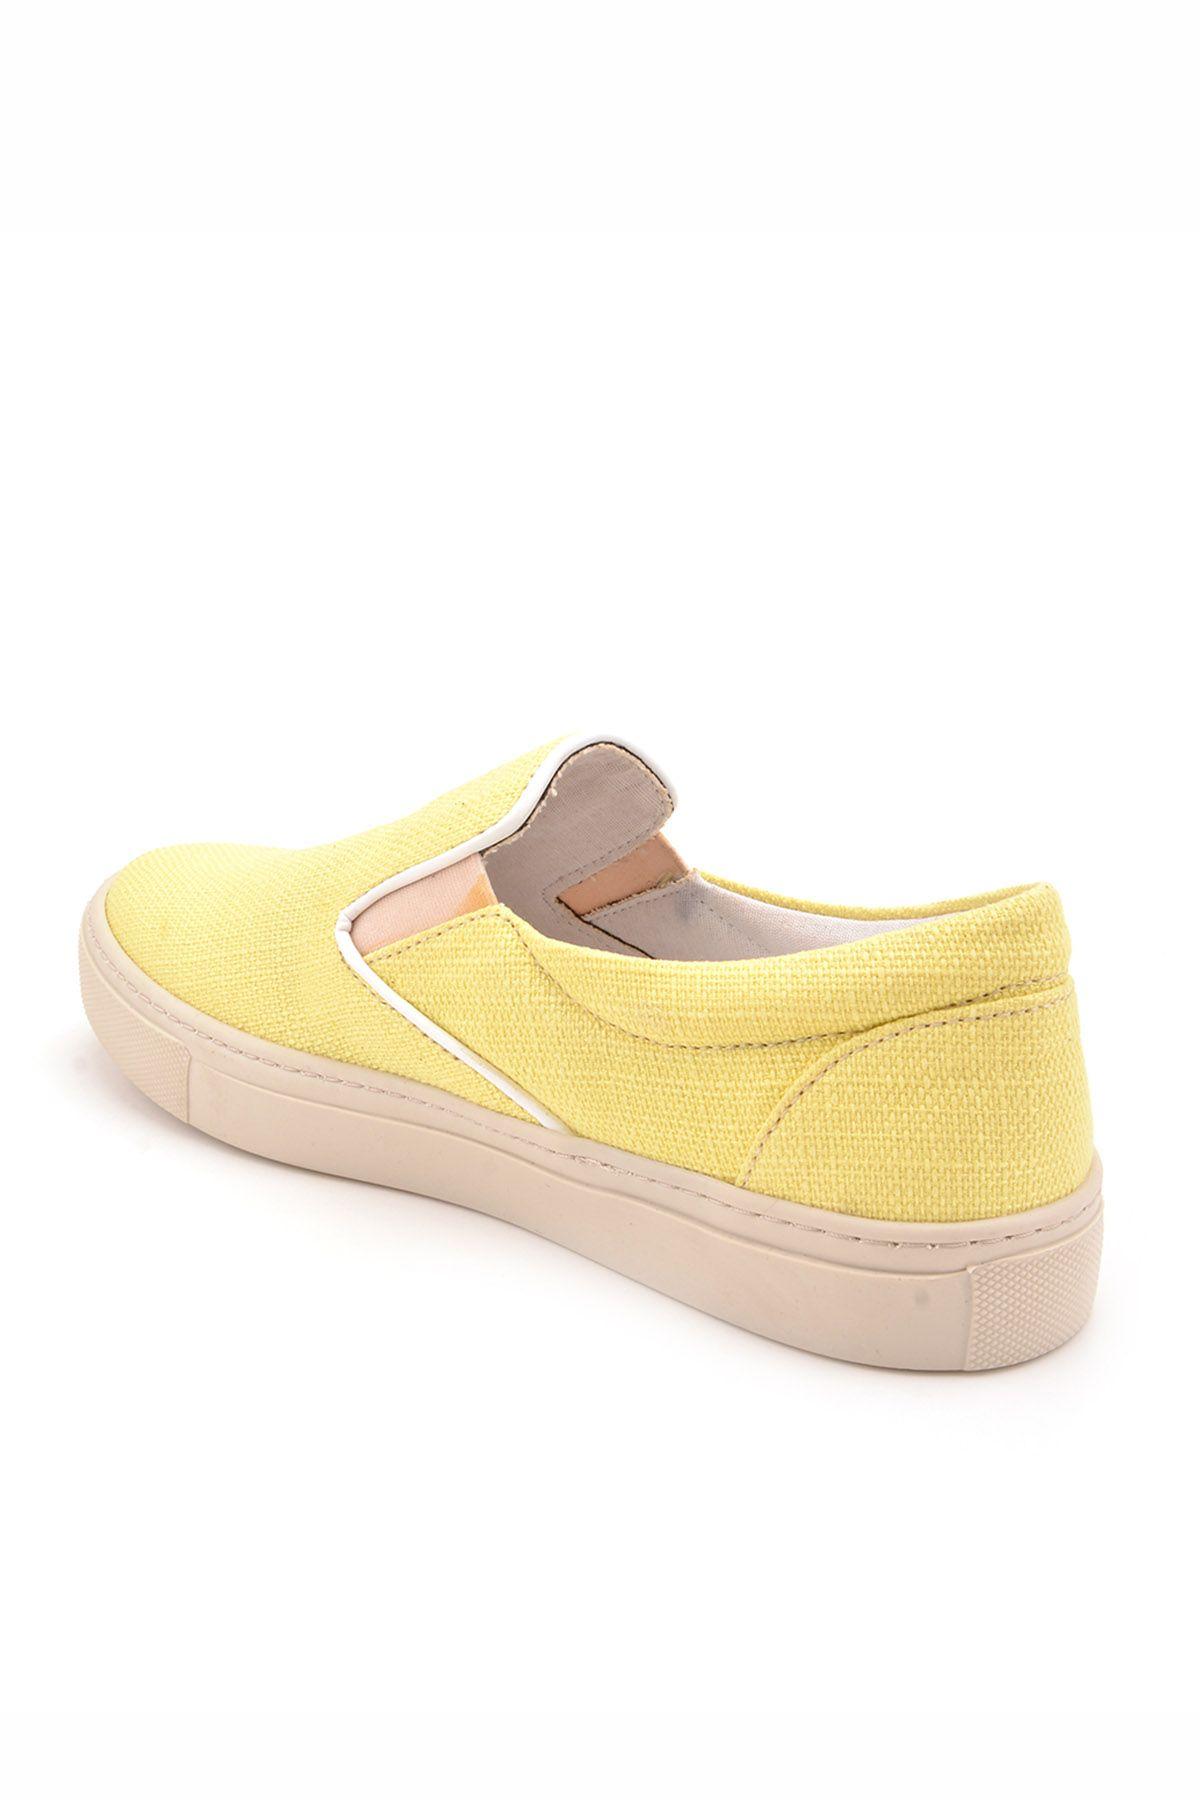 Art Goya Linen Women Sneakers Yellow